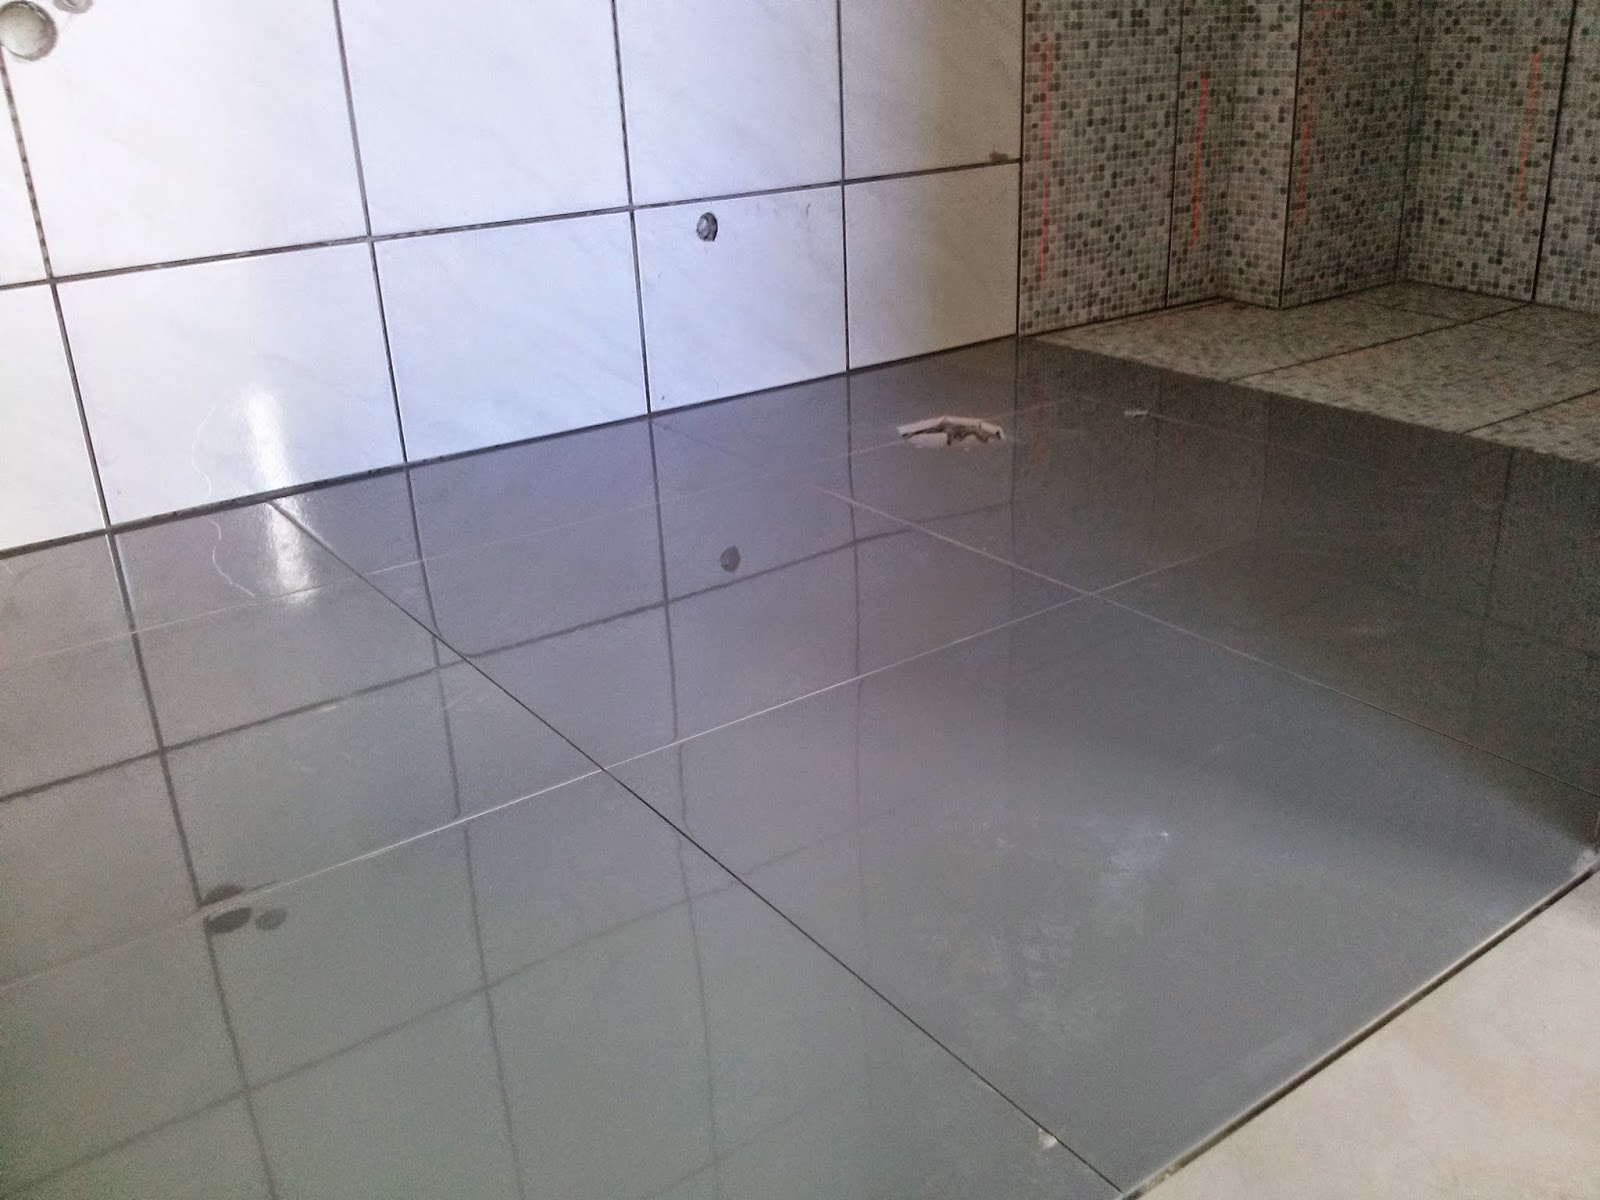 Imagens de #50537B domingo 5 de outubro de 2014 1600x1200 px 3404 Bloco Cad Box De Banheiro